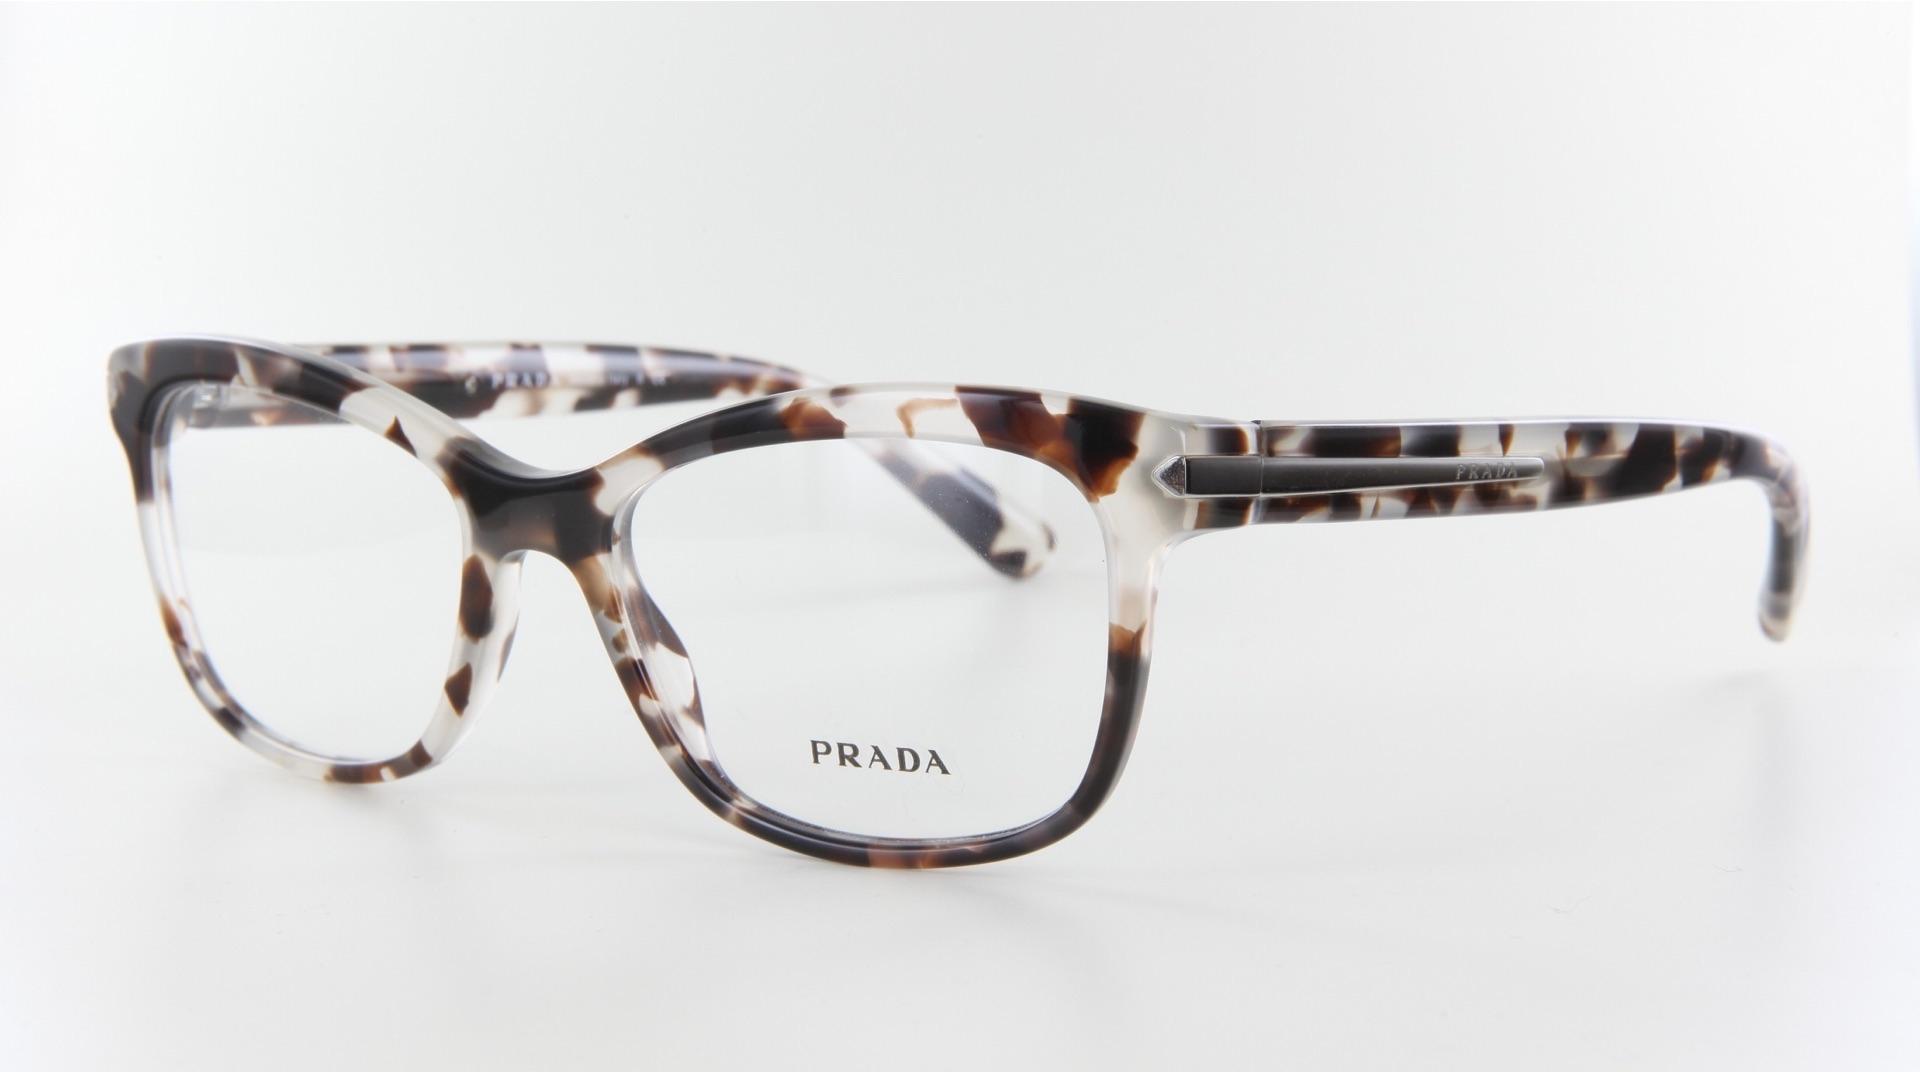 Prada - ref: 74260